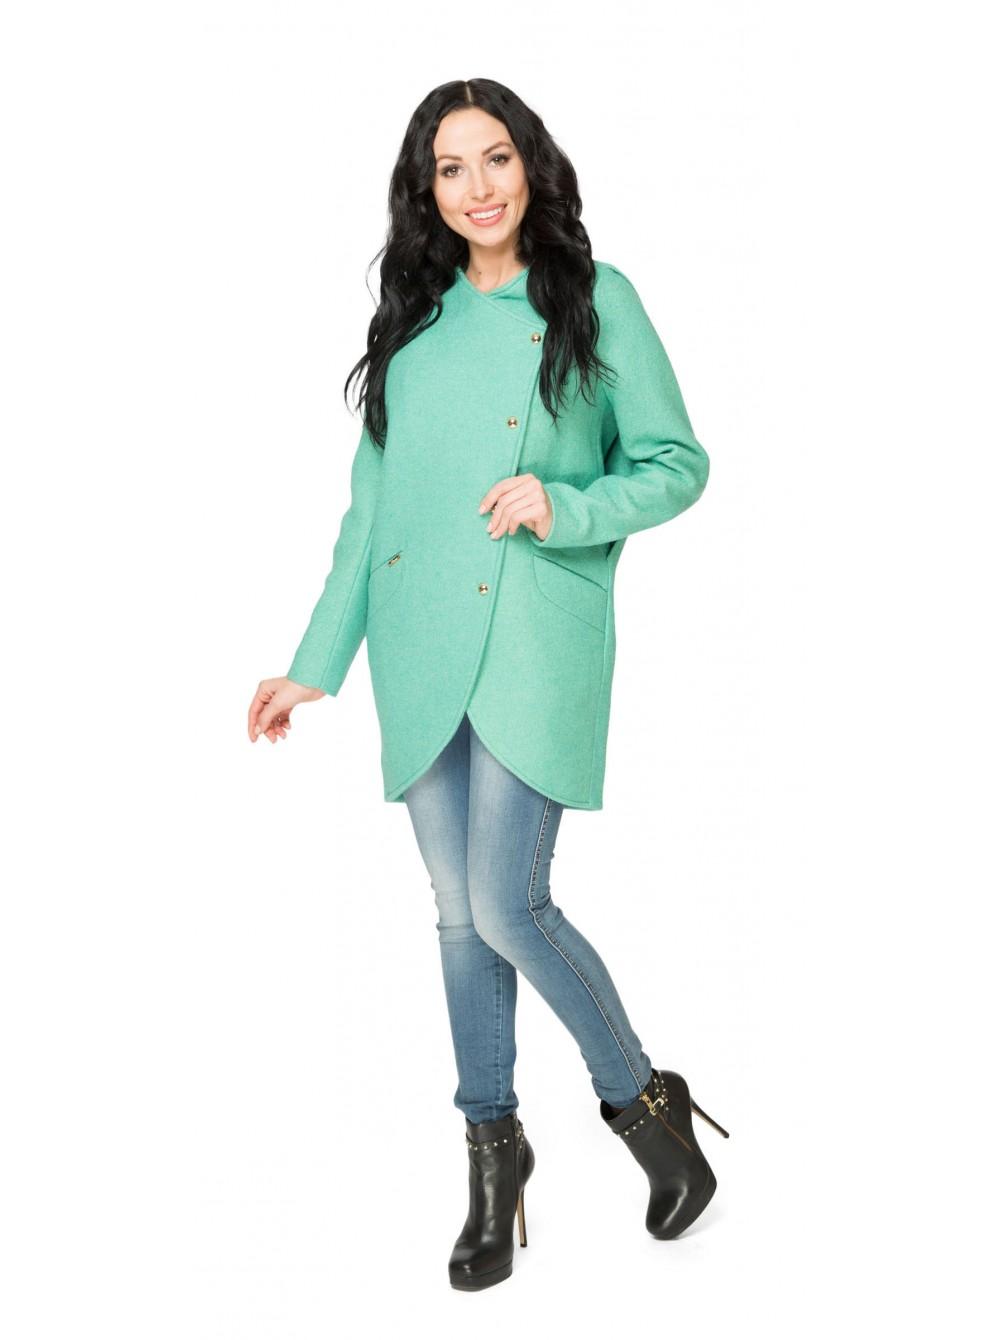 Сбор заказов. Вы произведете фурор этой весной в ярких и стильных пальто на любой вкус и цвет!